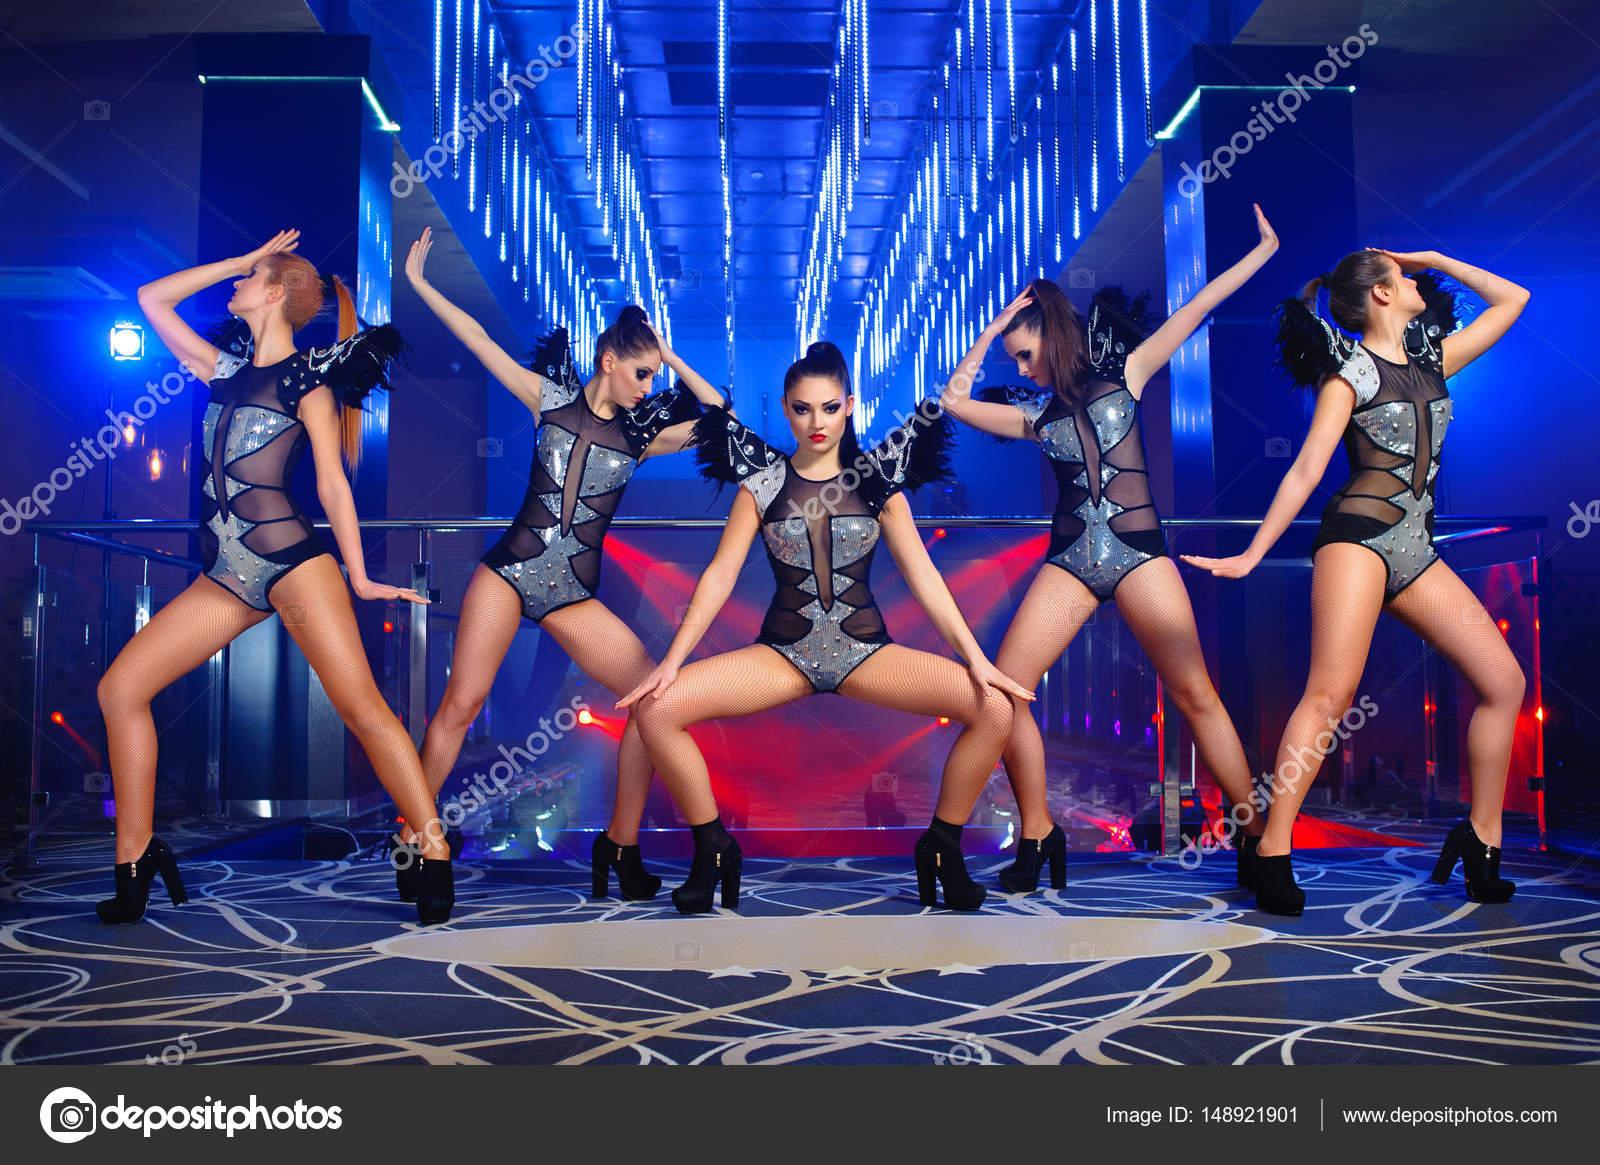 Chicas hermosa bailarina go-go sexy posando en la discoteca — Foto ...